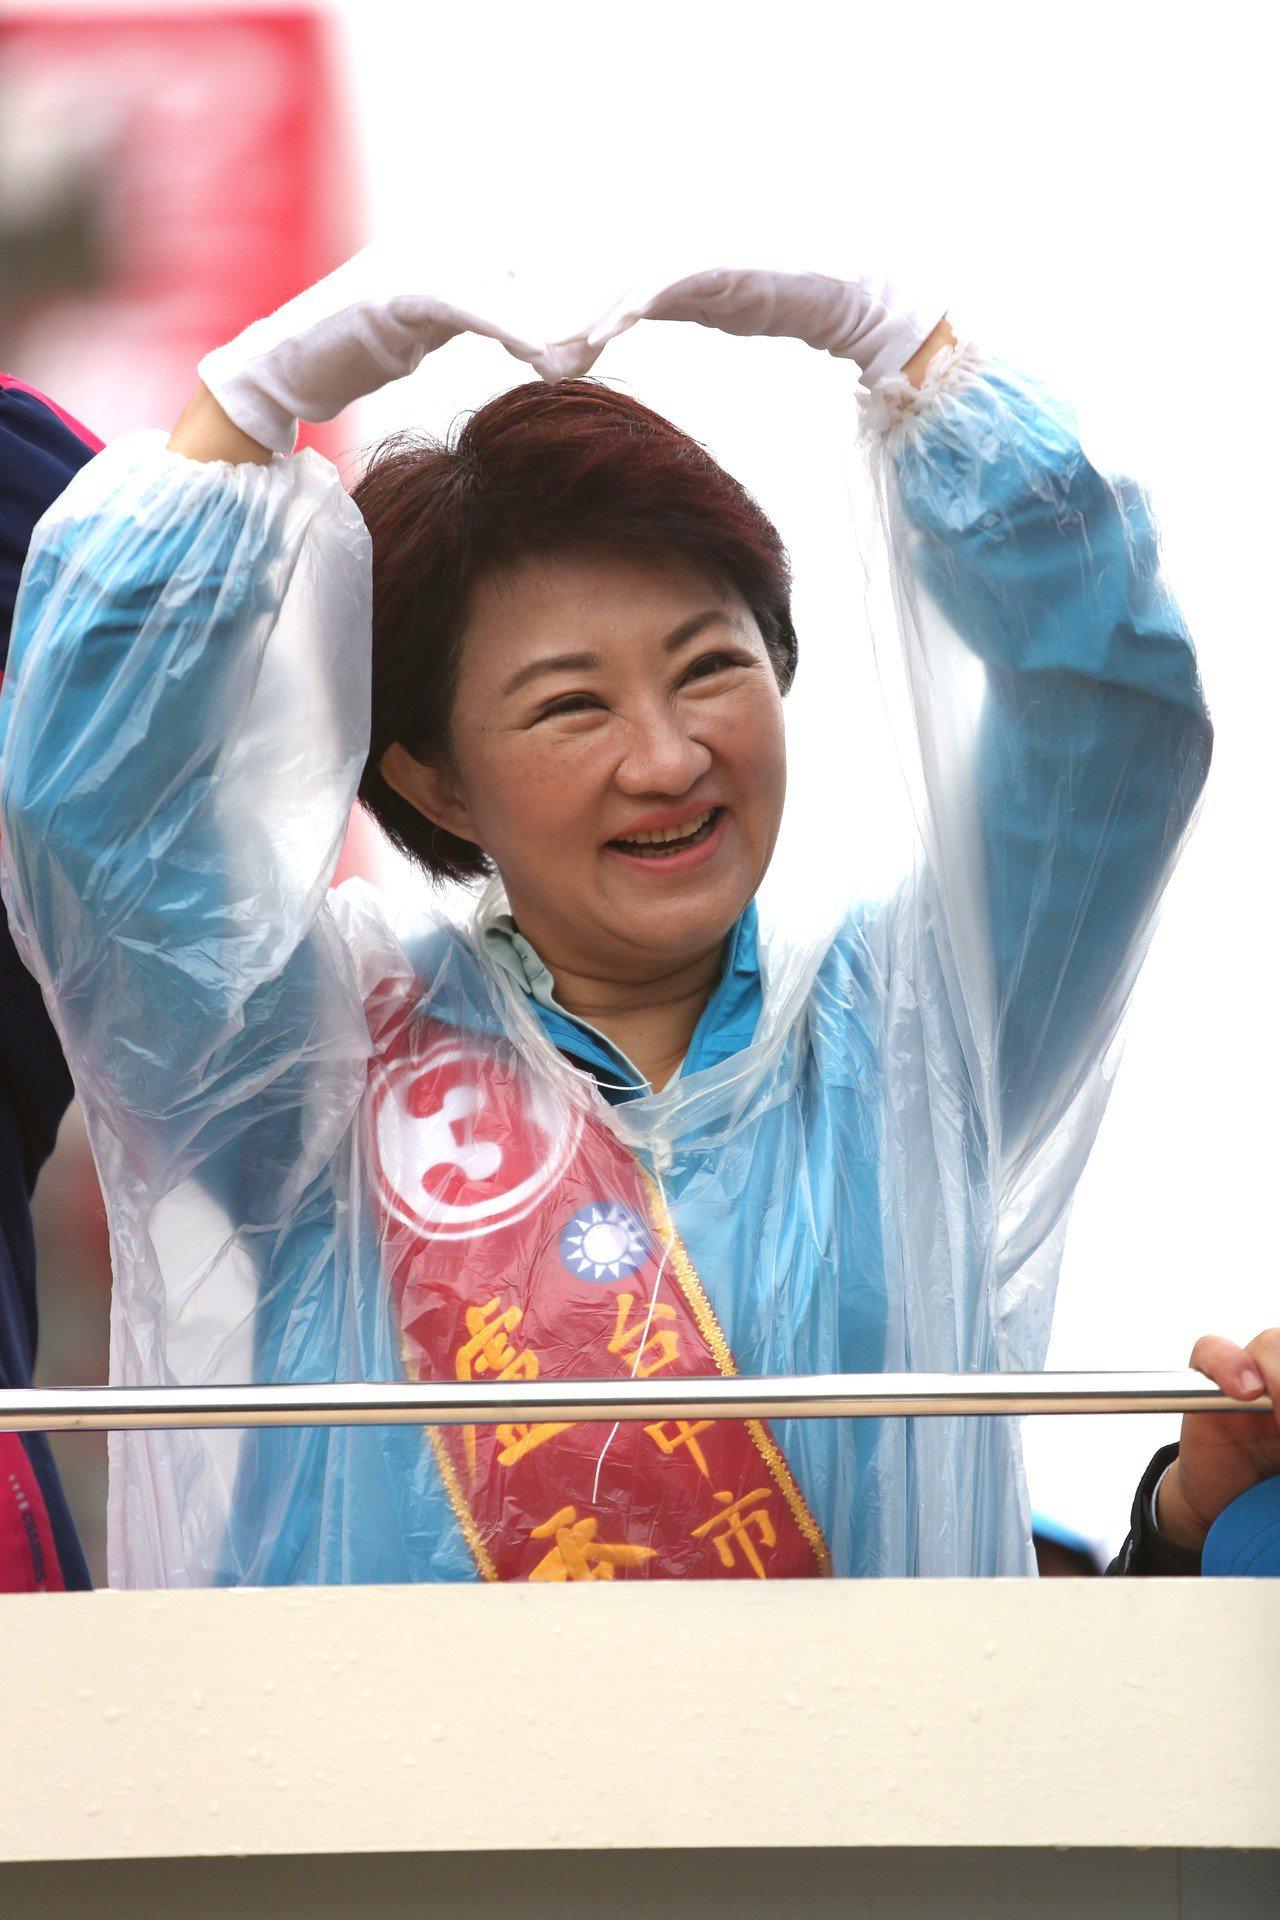 台中市長當選人盧秀燕表示,12歲以下小朋友看花博免費。記者陳秋雲/攝影